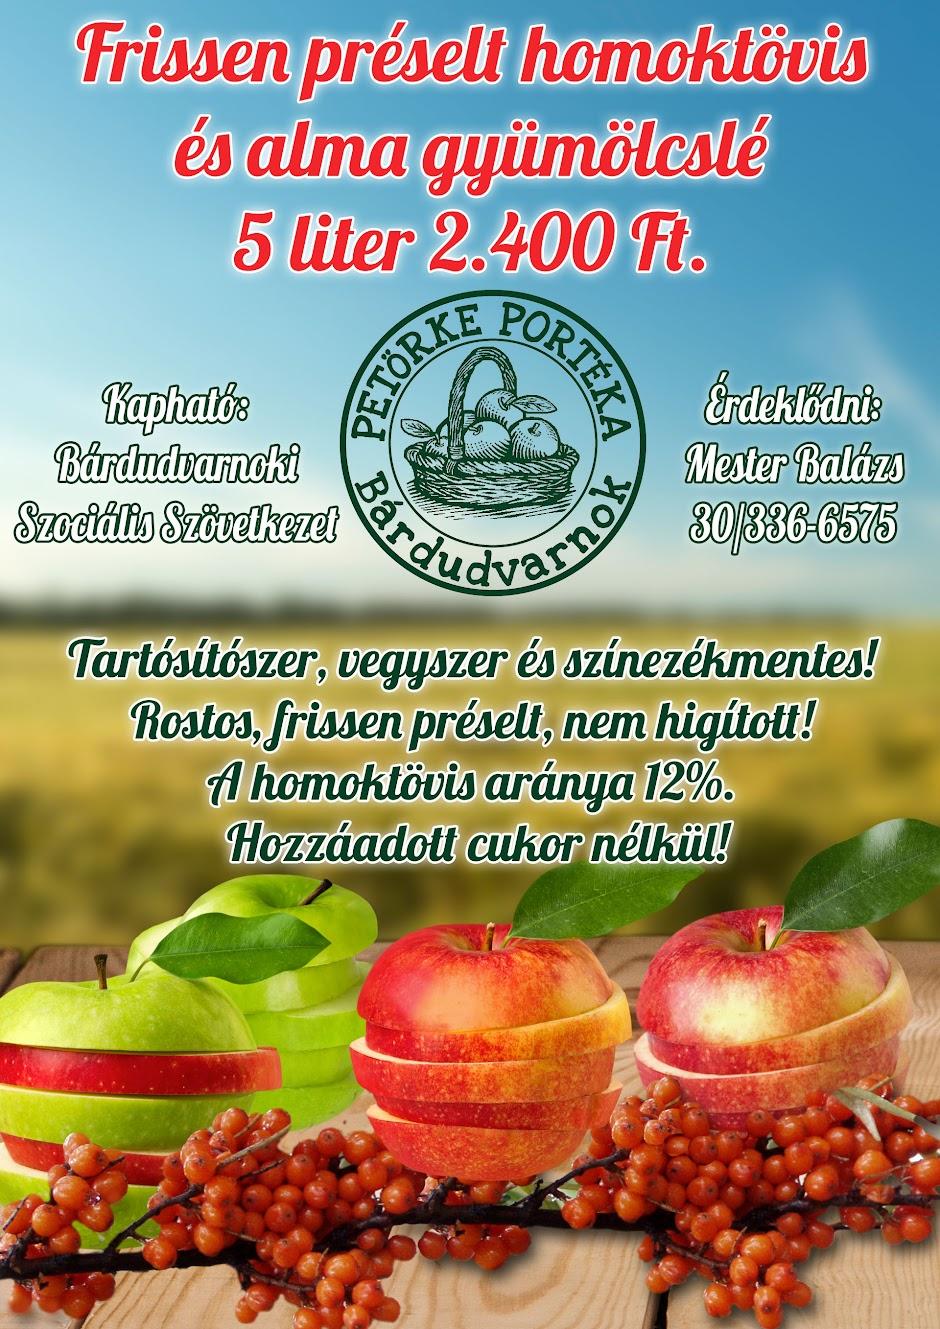 Homoktövis és almalé plakát